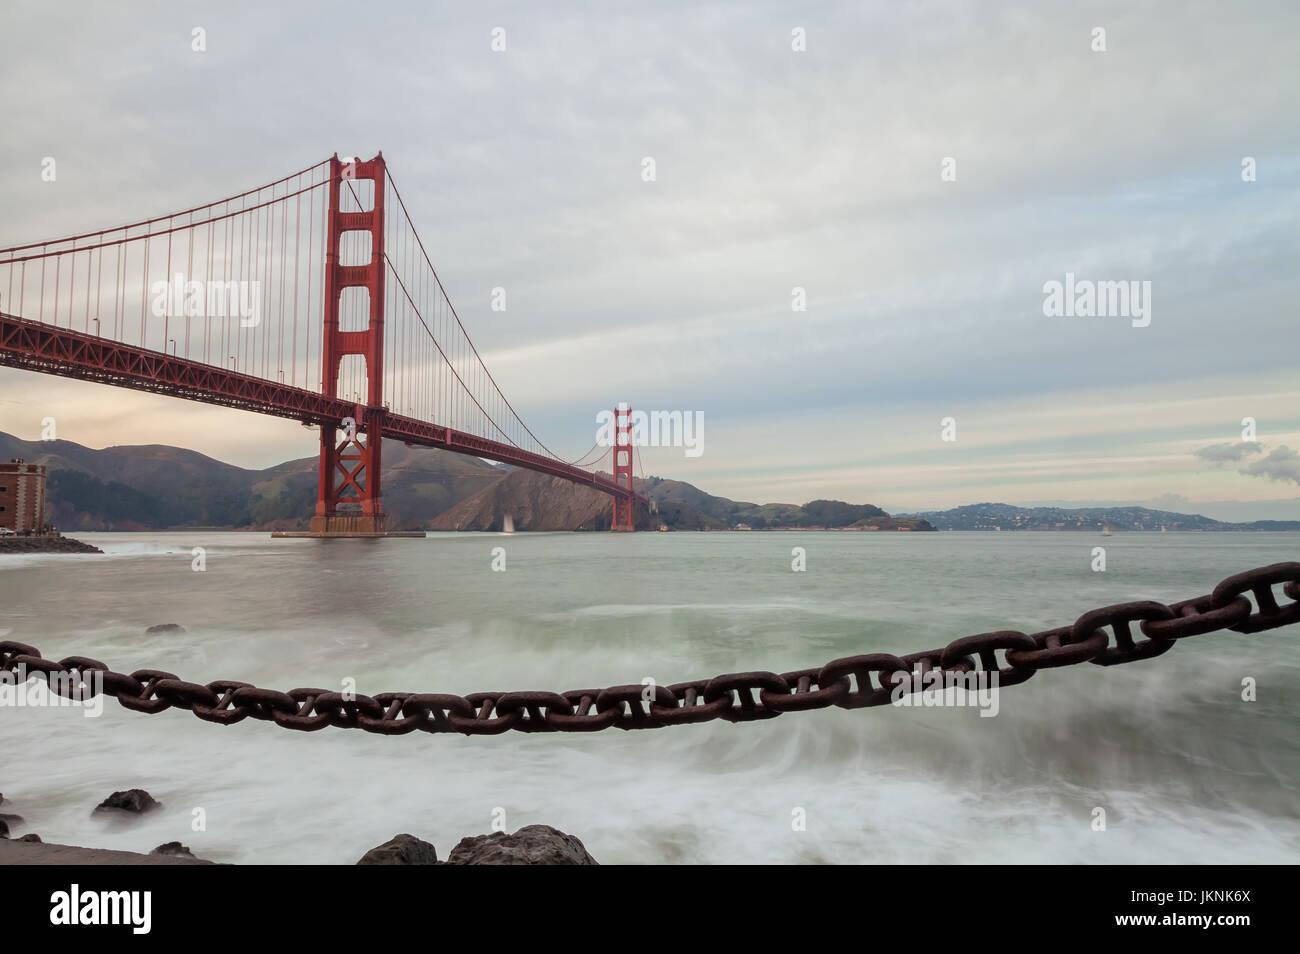 L'emblématique pont du Golden Gate à San Francisco, USA, au coucher du soleil Photo Stock